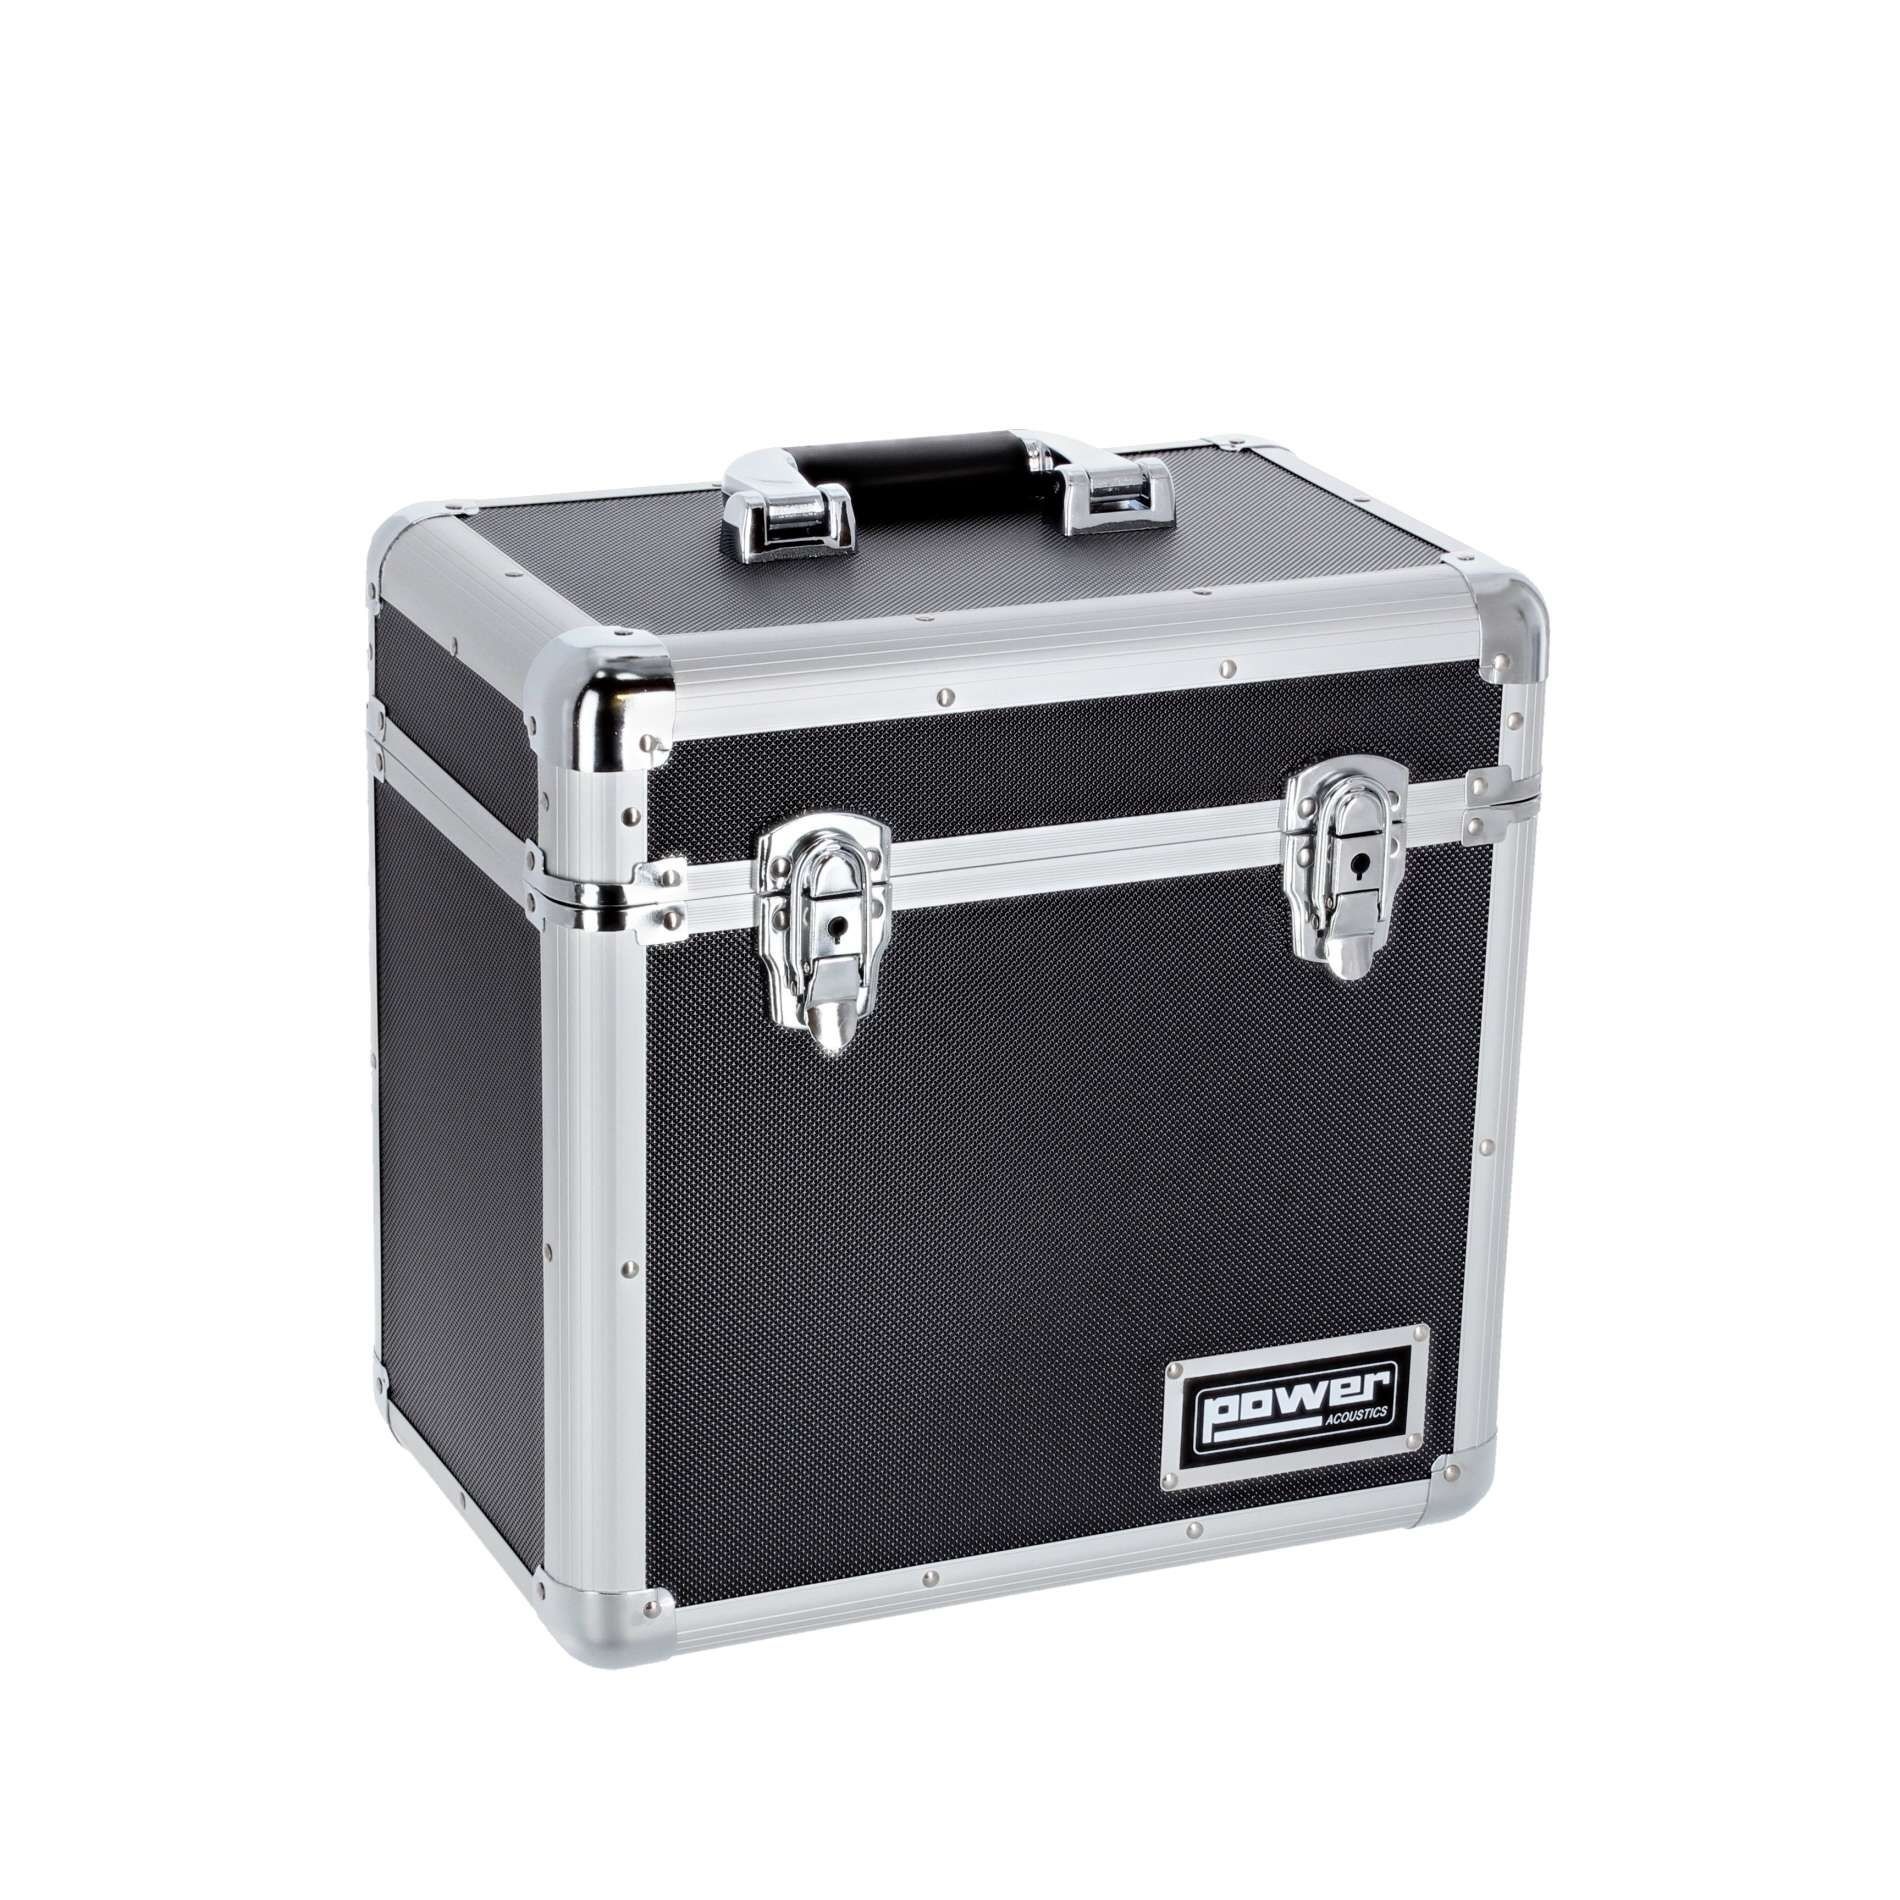 Rangement Vinyl 45 Tours fl rcase 60bl-valise pour rangement 60 vinyles-power flights